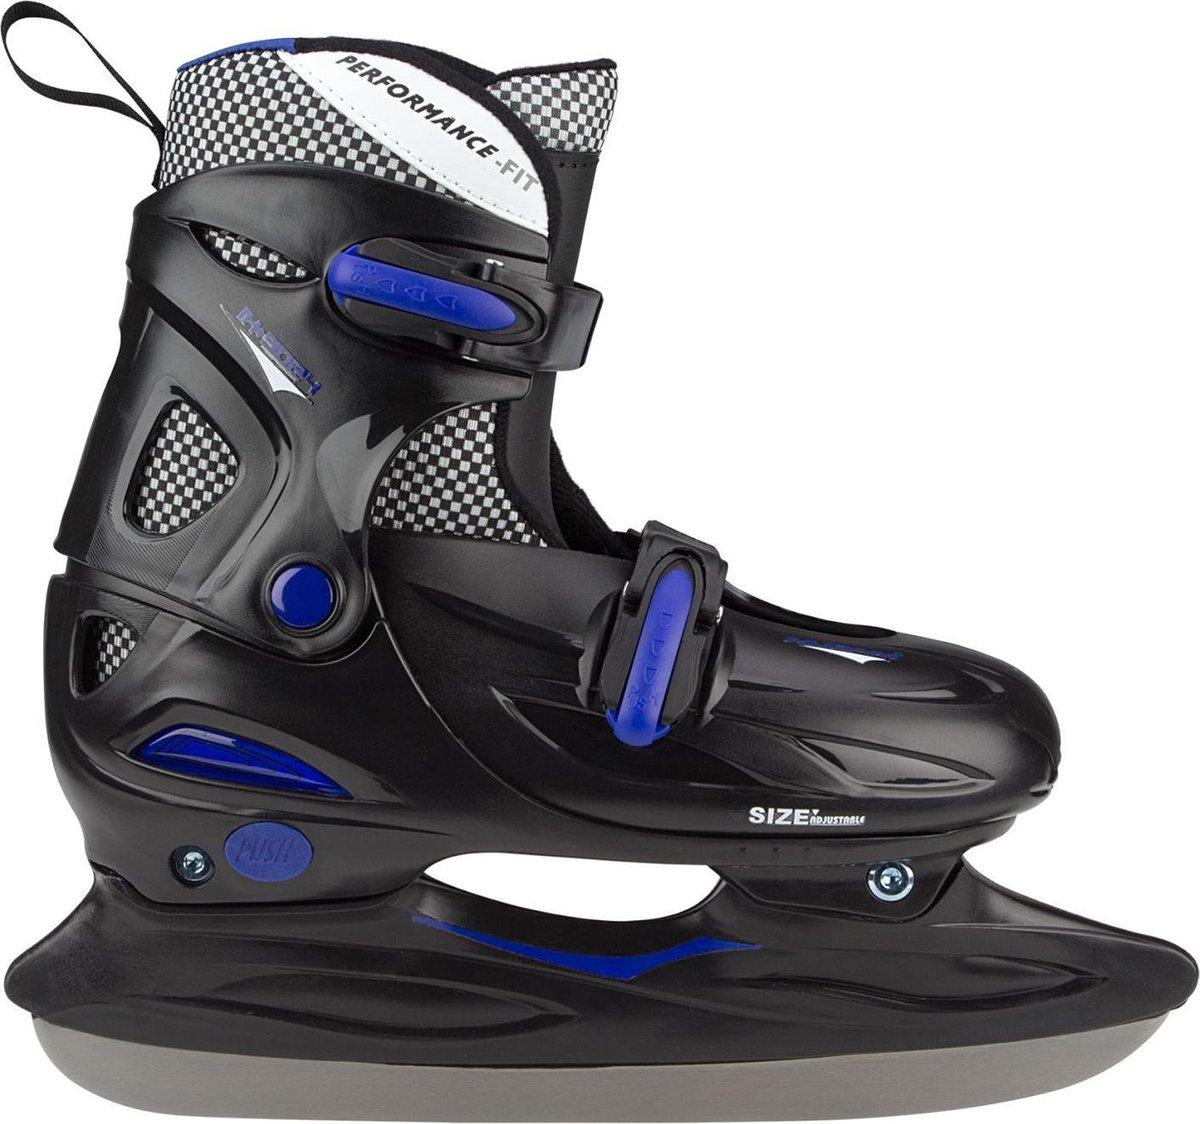 Nijdam Junior IJshockeyschaats - Verstelbaar - Hardboot - Zwart/Blauw - Maat 38-41